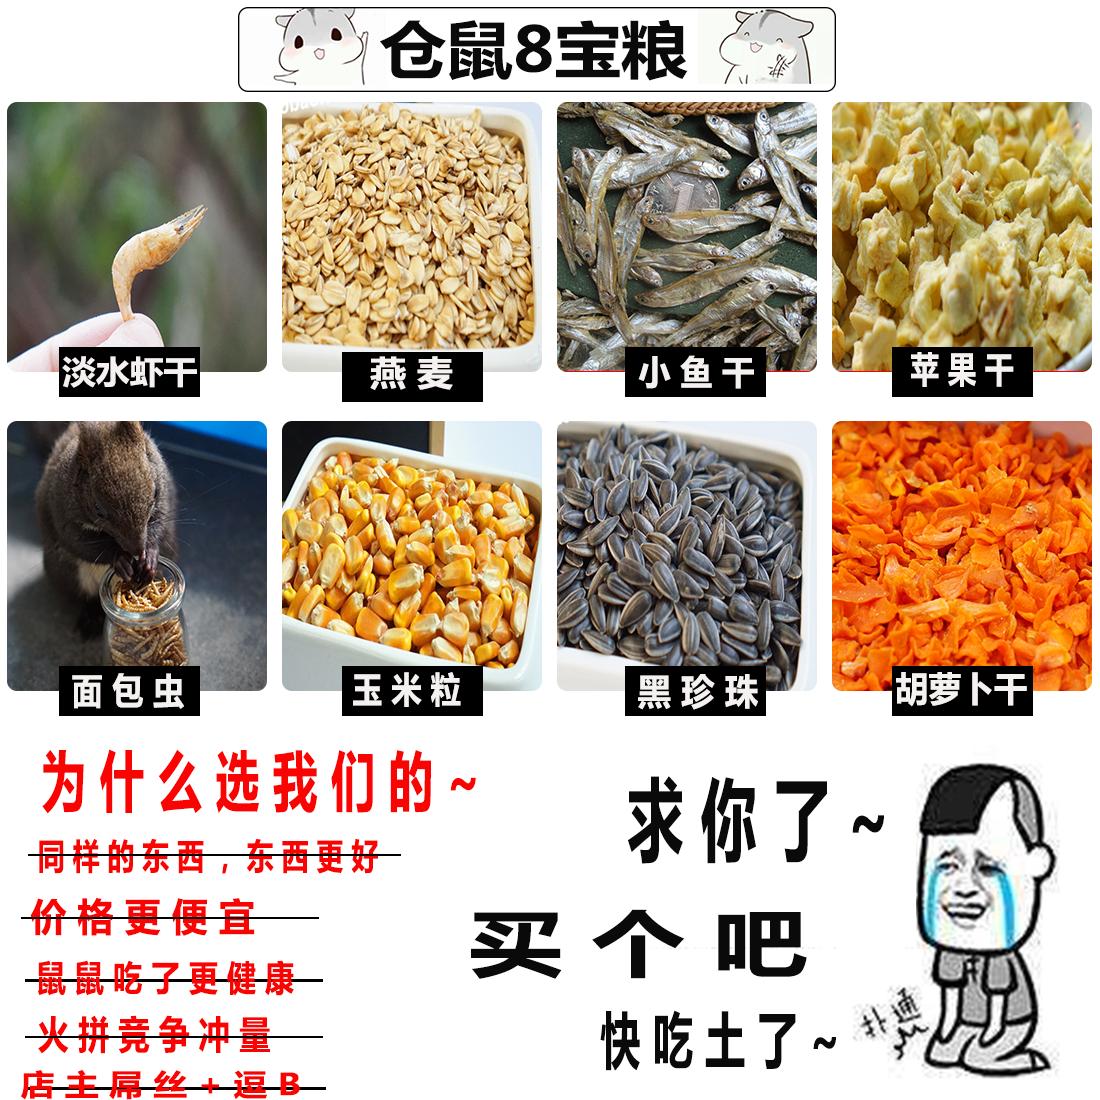 [南山萌宠饲料,零食]包邮 仓鼠零食套餐粮食金丝熊饲料套餐月销量6件仅售25.9元